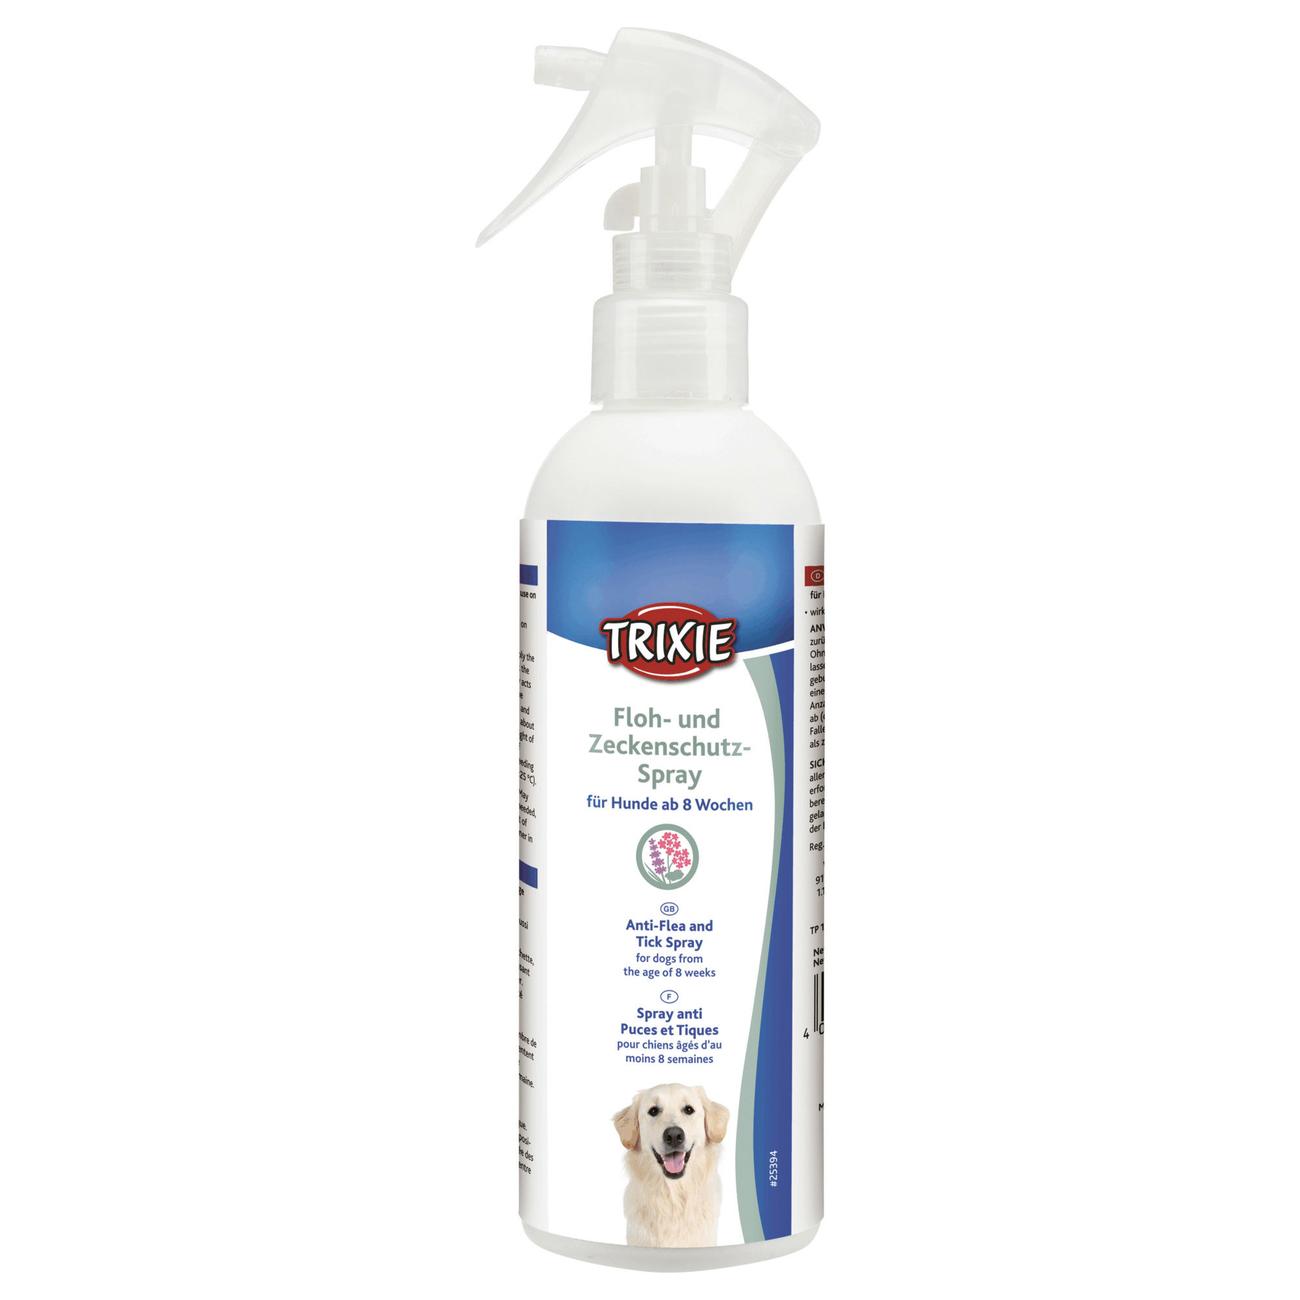 Trixie Flohschutz und Zeckenschutz-Spray für Hunde 25394